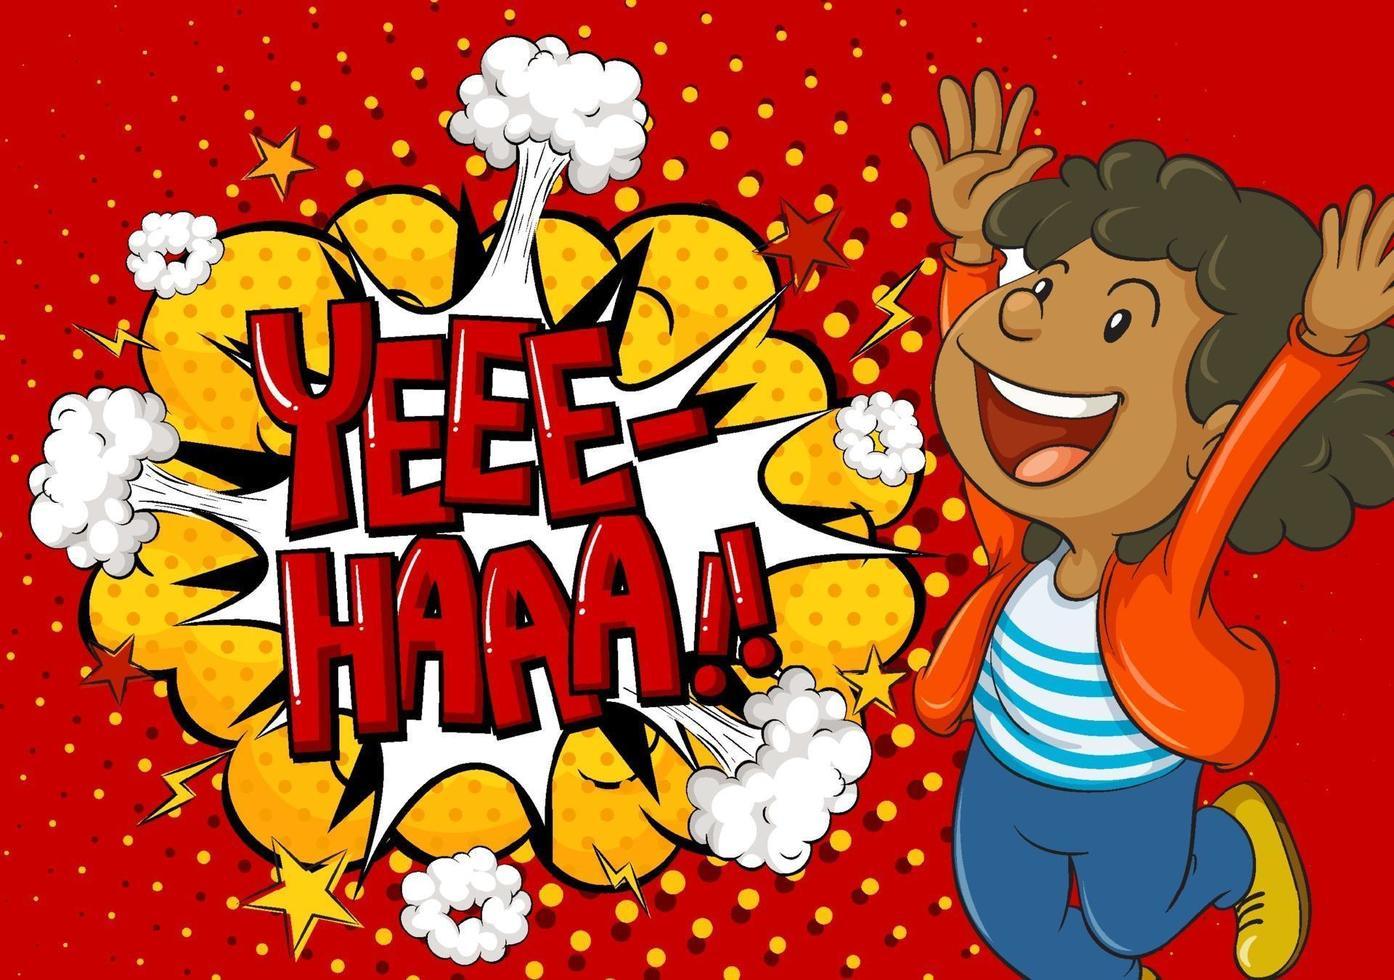 yeee haa parola sullo sfondo di esplosione con il personaggio dei cartoni animati del ragazzo vettore